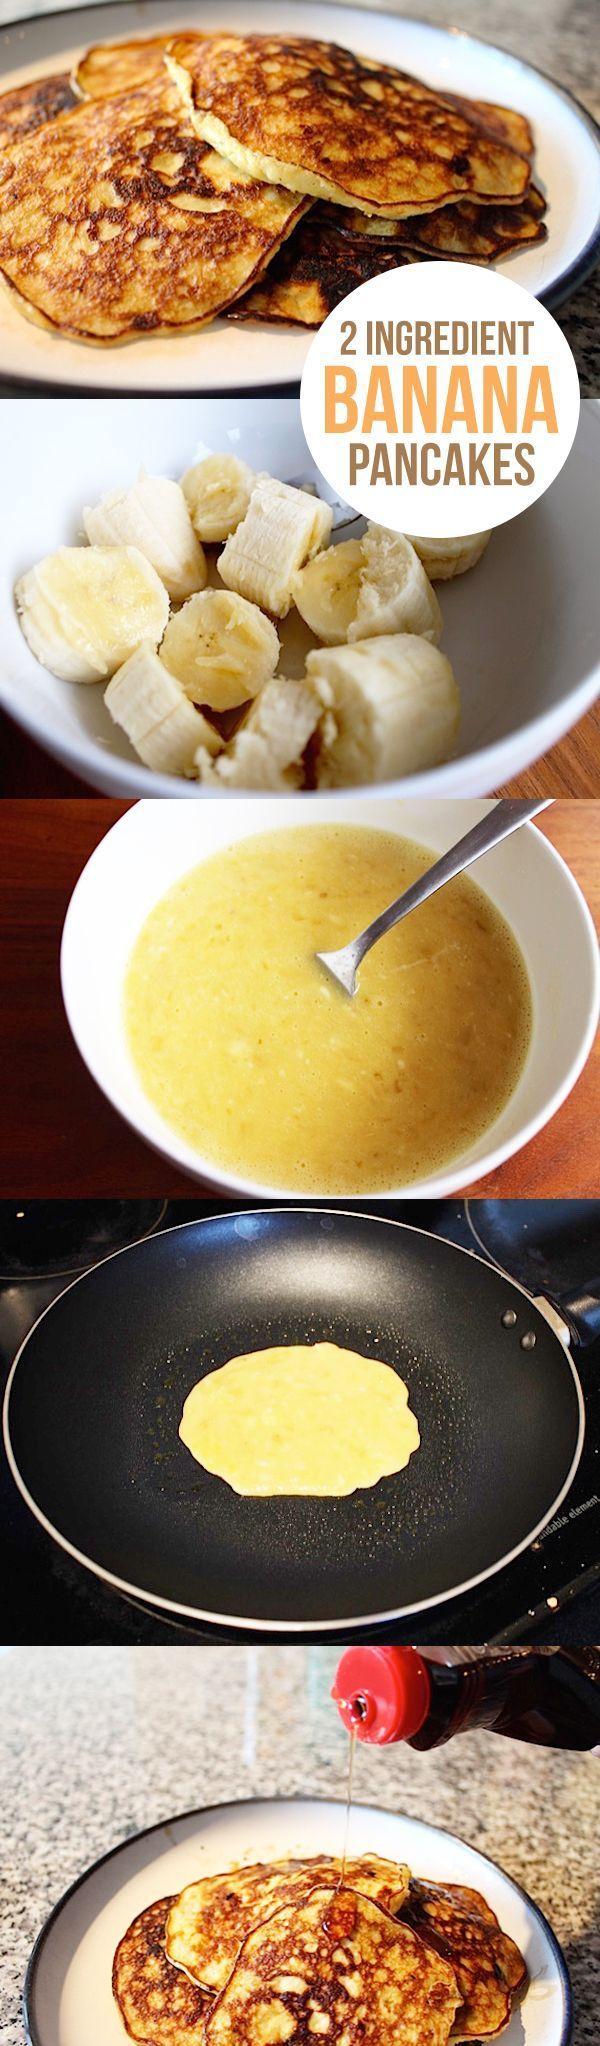 Cómo hacer Pancakes perfectos con sólo 2 ingredientes: dos huevos, una banana.